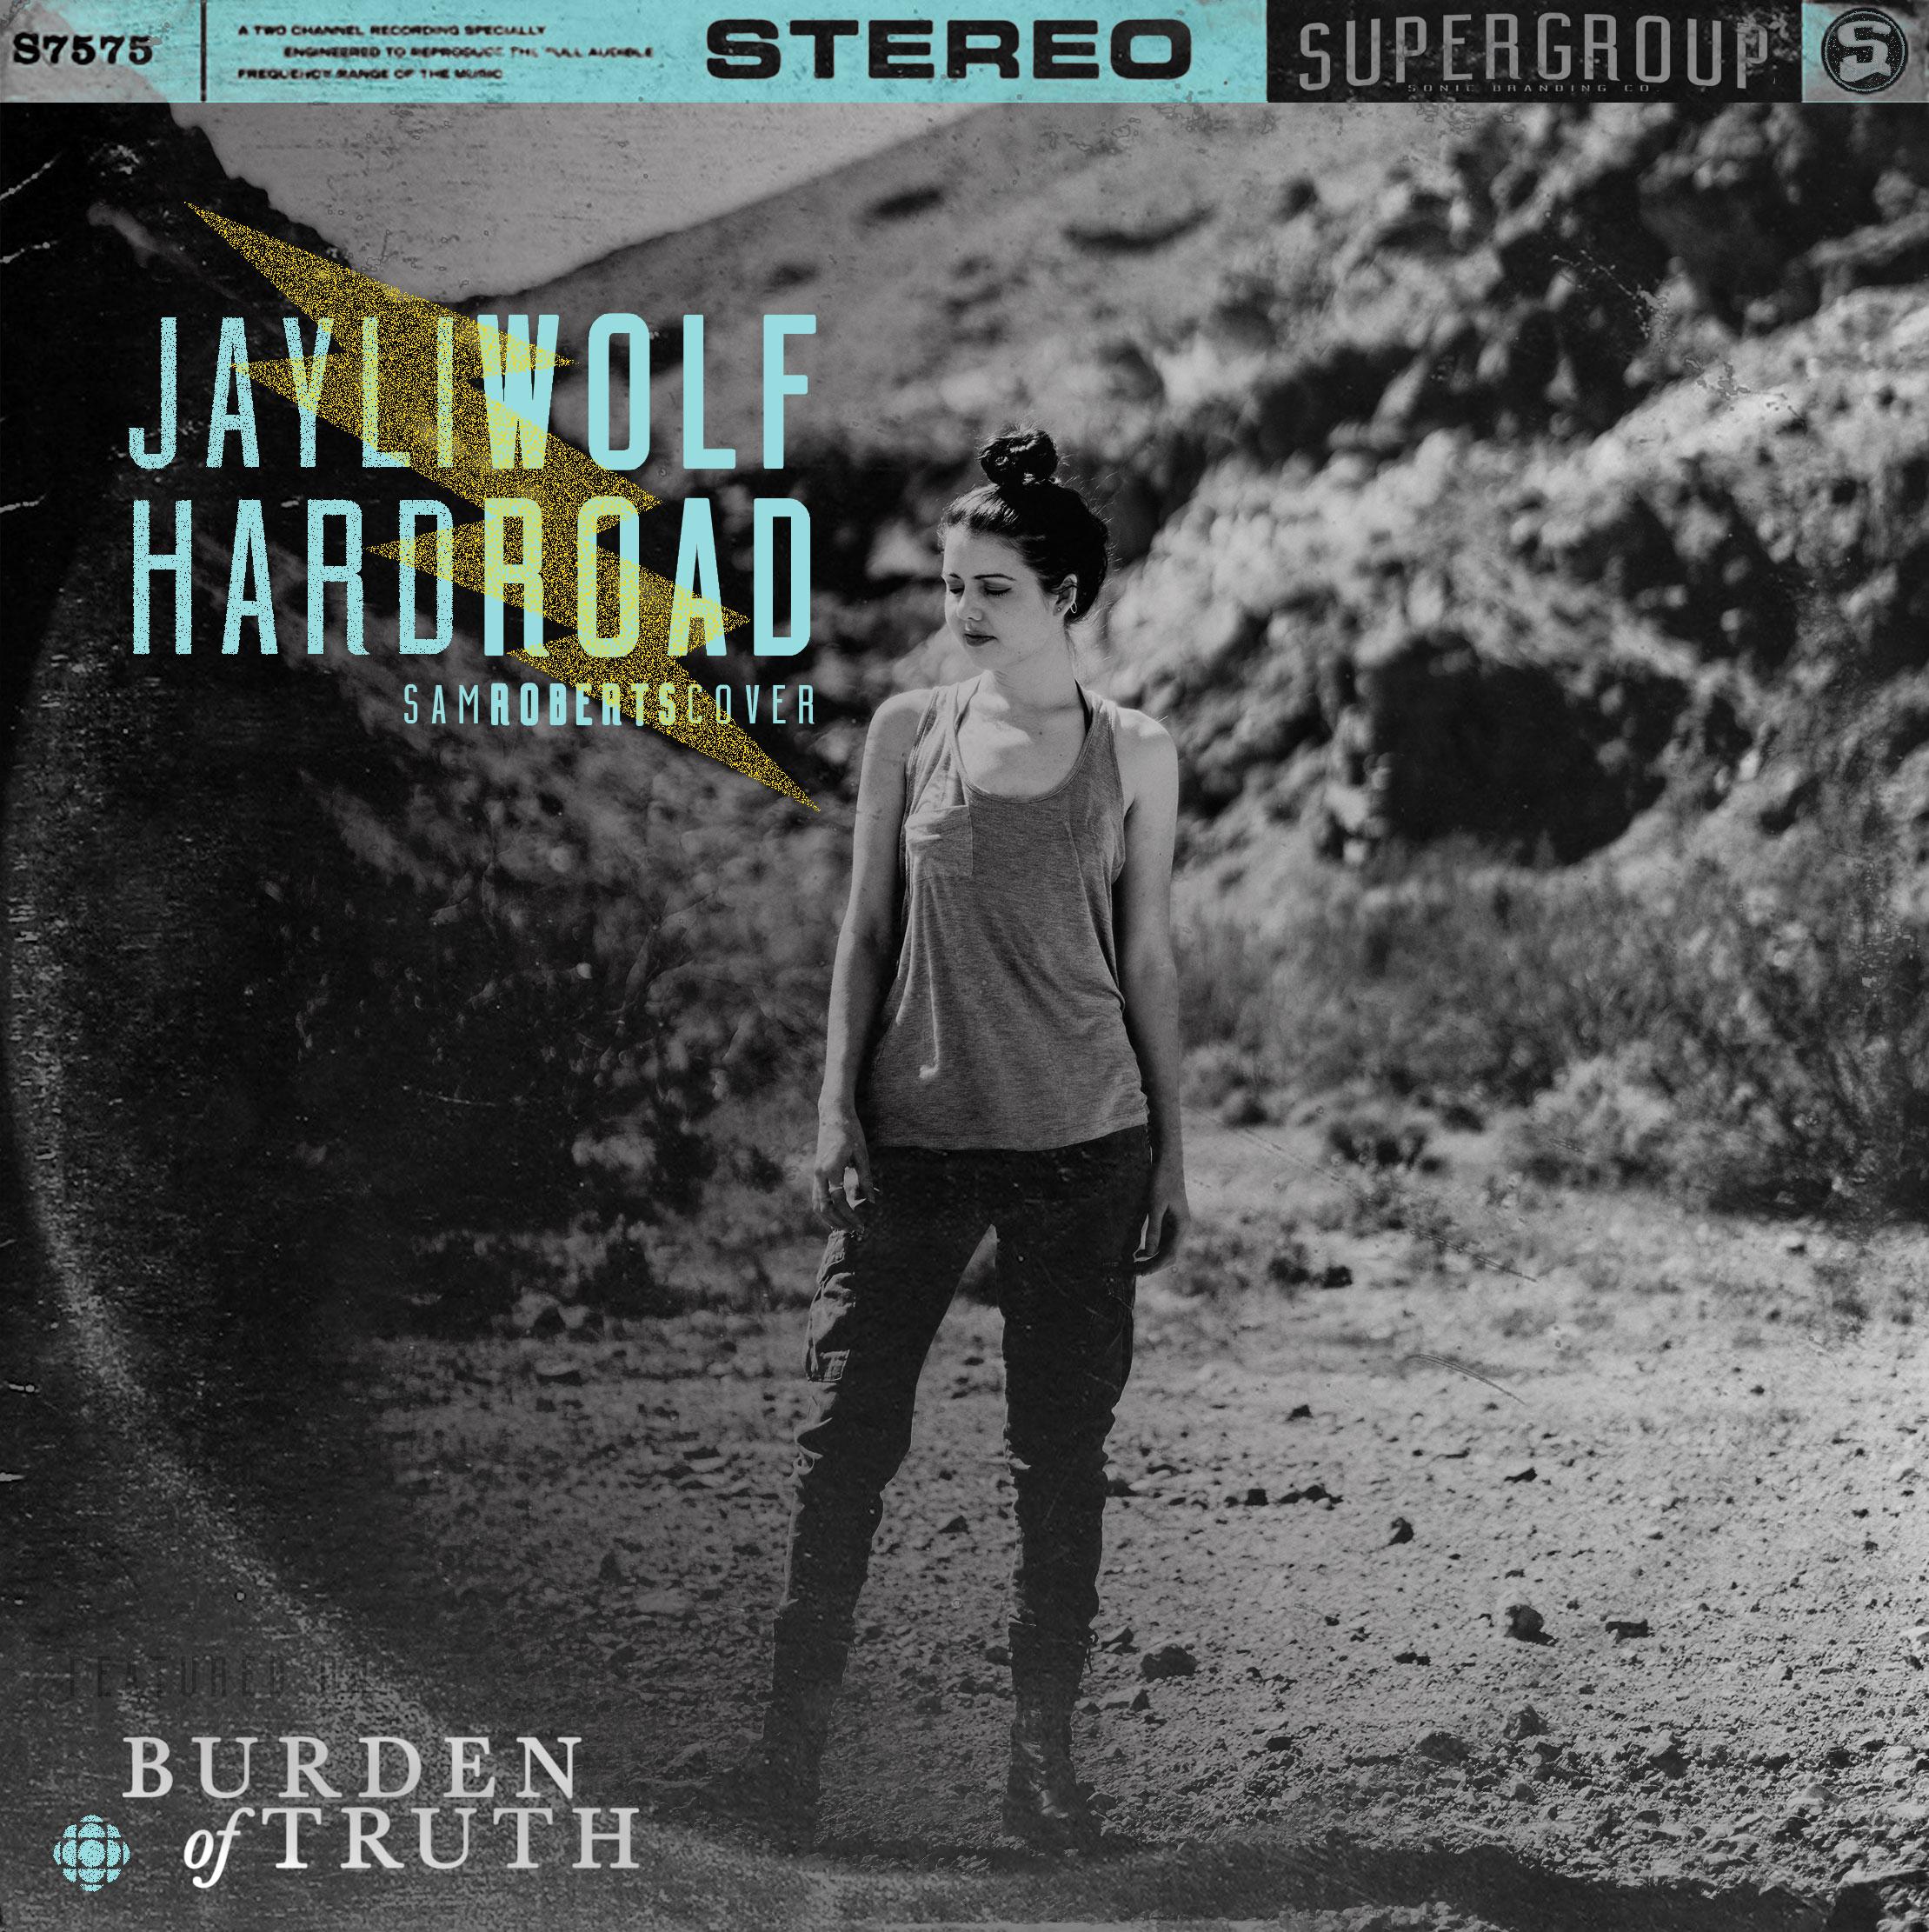 HARD-ROAD-COVER-v3.jpg